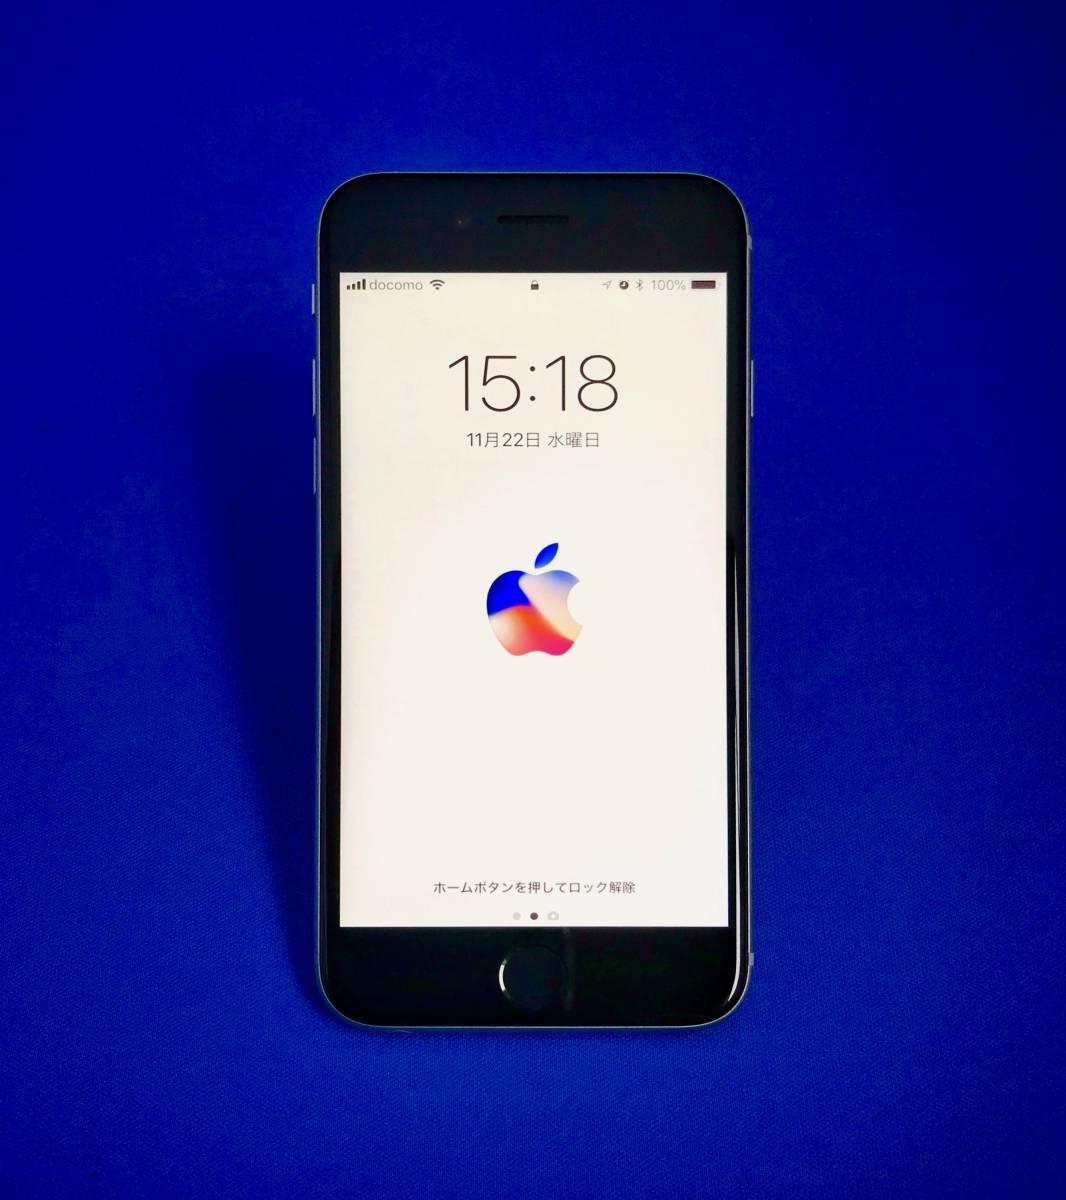 【SIMフリー・Docomo・1円スタート・送料無料】iPhone 6s 64GB スペースグレイ(2016-11製造・バッテリー良好・Health 80%以上)